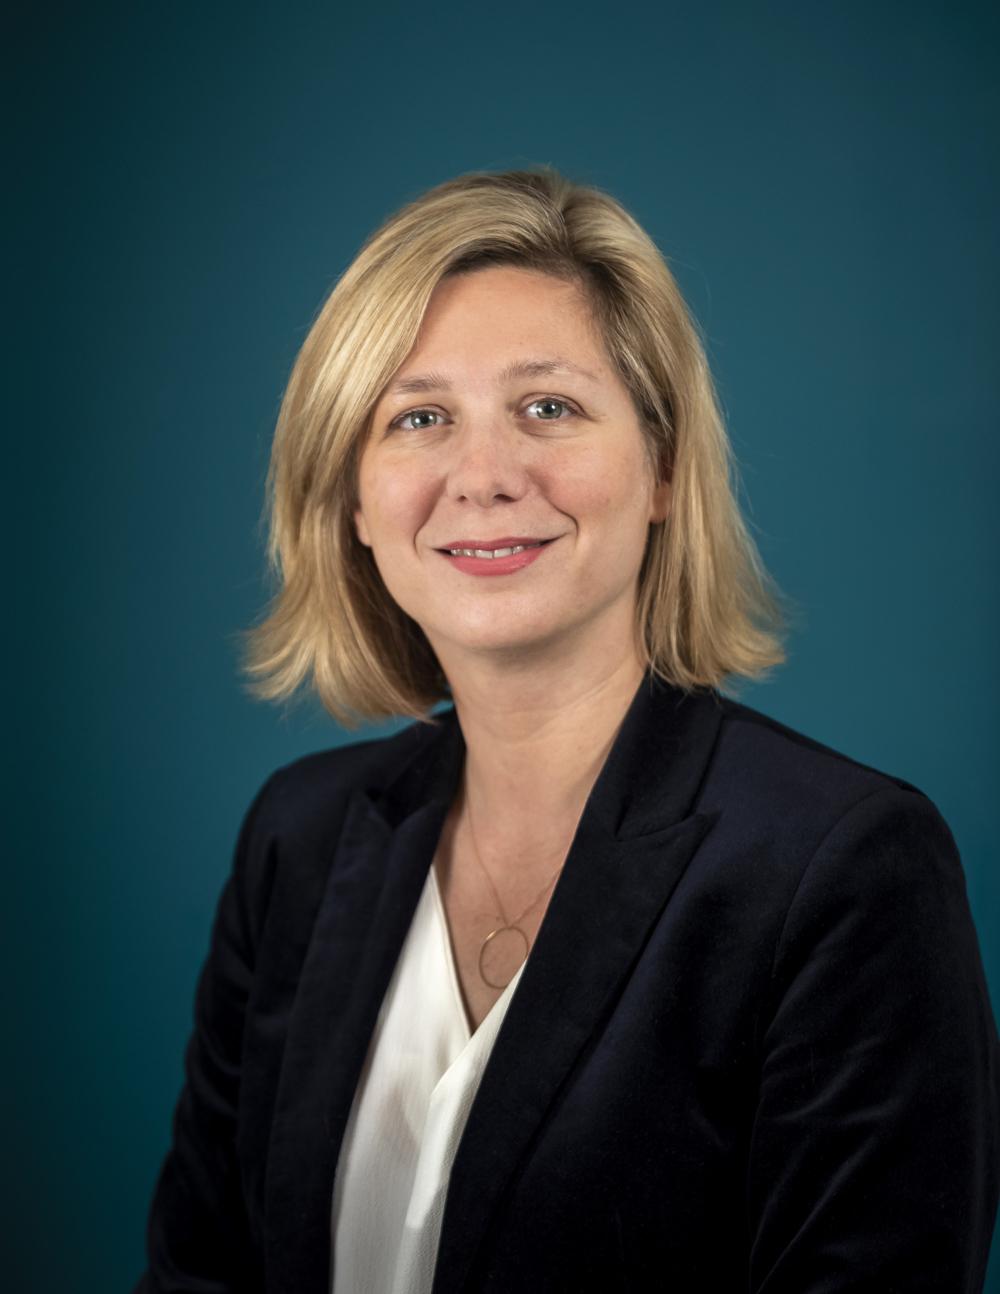 Marie-Axelle Gautier